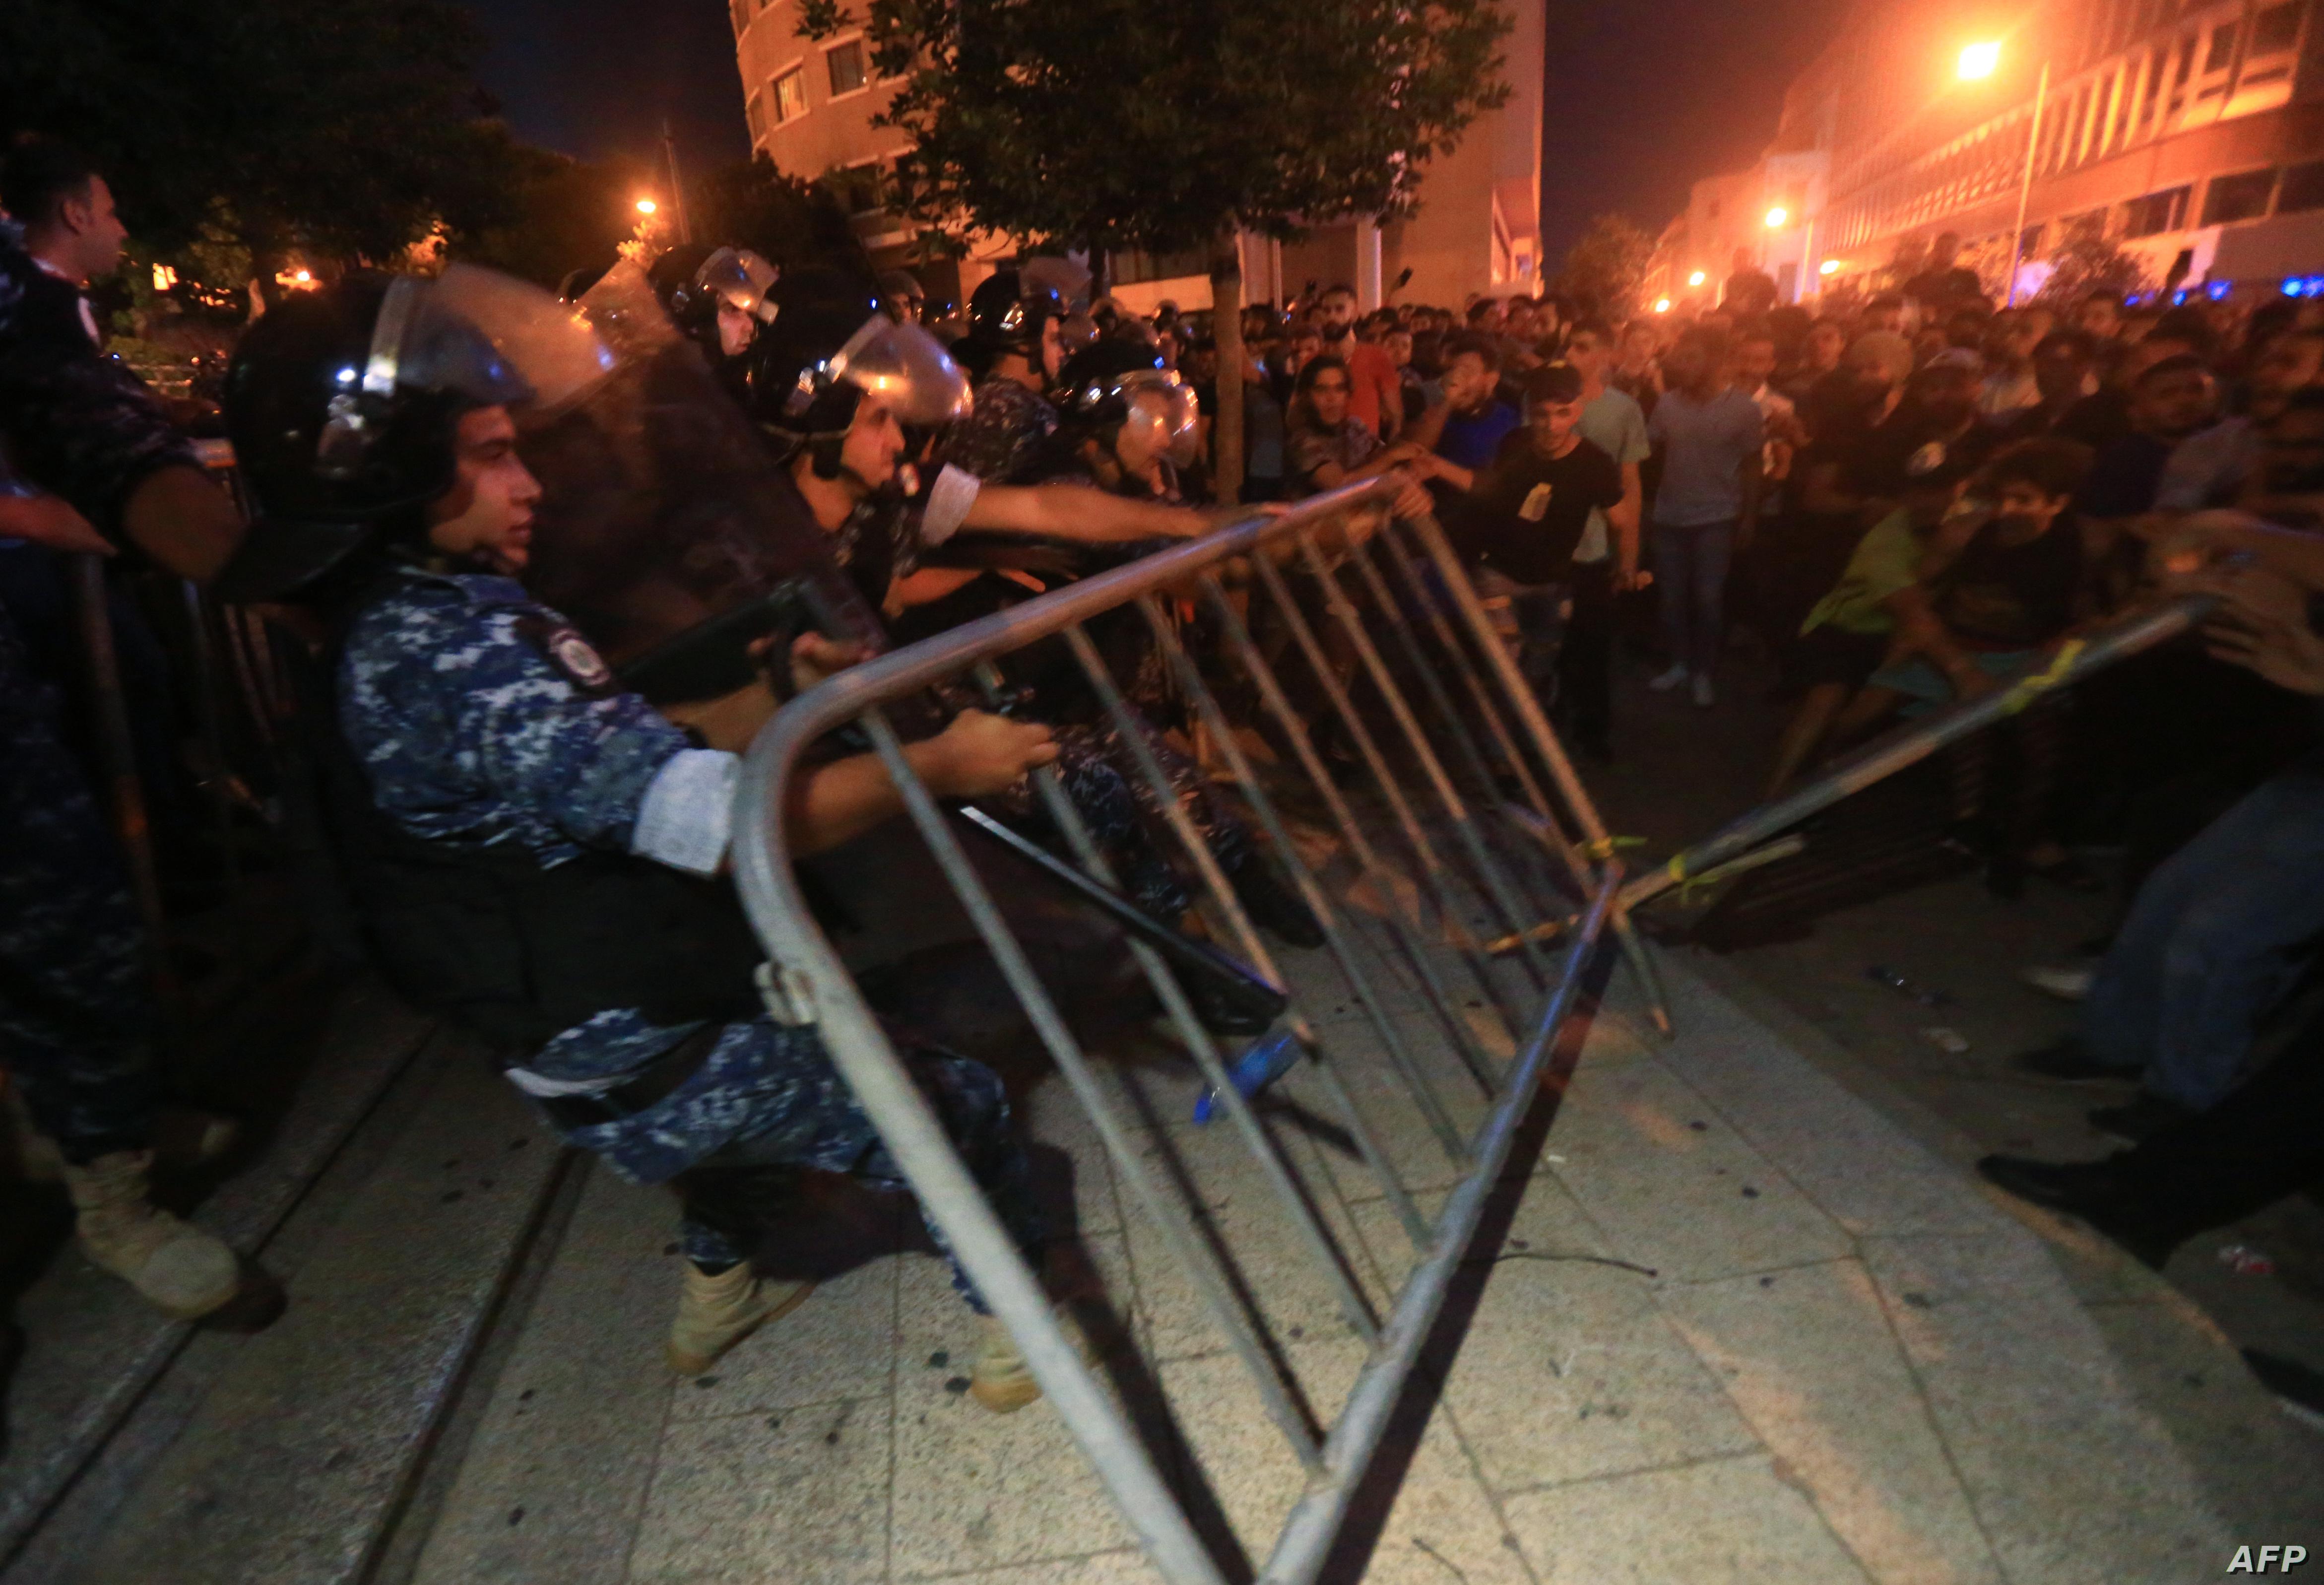 قوى الأمن اللبنانية  تعلن فقدان  مجند وإصابة أكثر من 70 آخرين خلال اشتباكات في بيروت